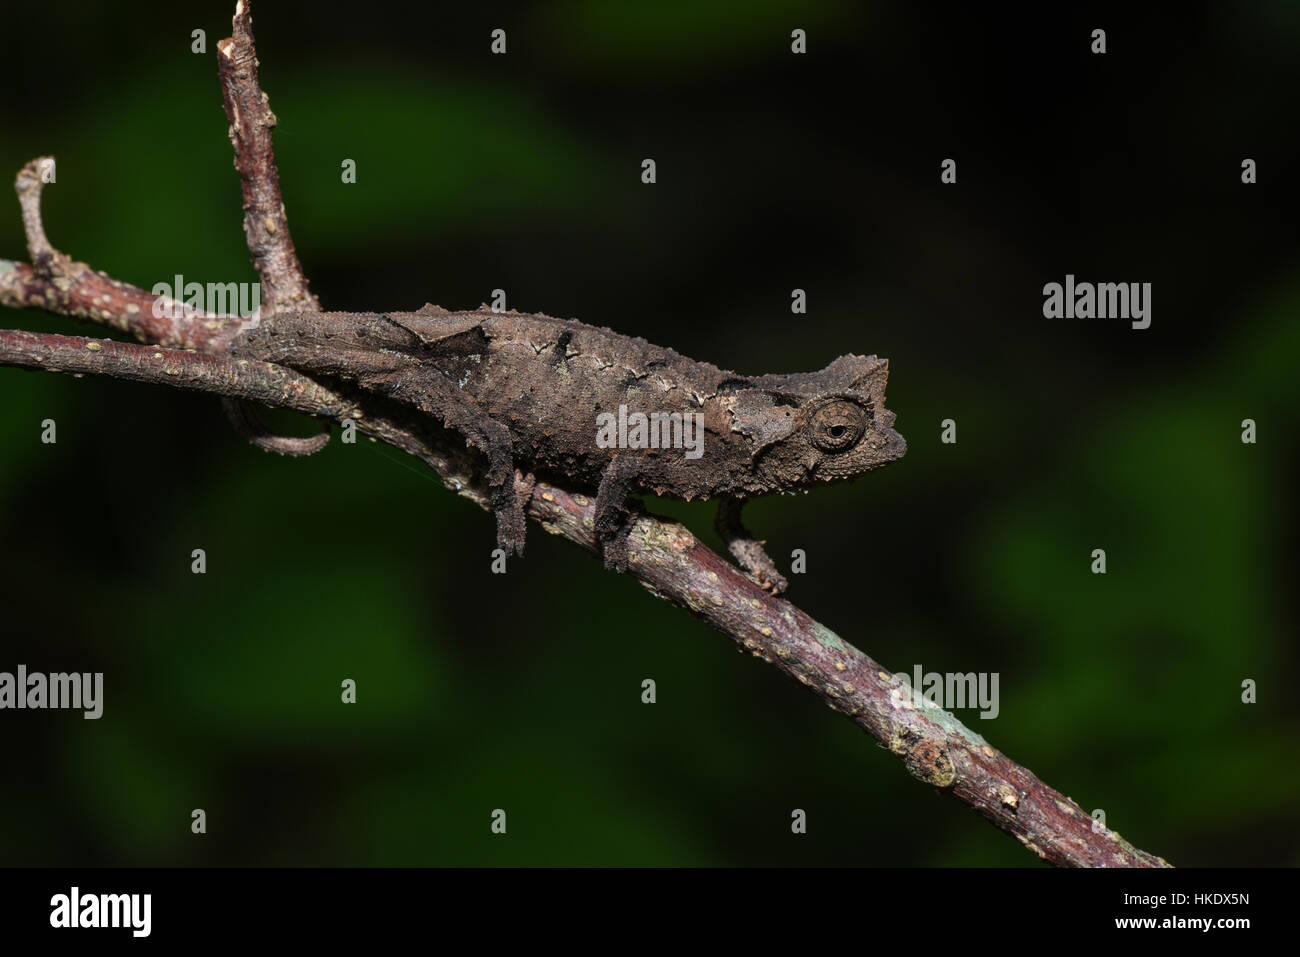 Stub-tailed chameleon (Brookesia brunoi), male, Anja community reserve, Madagascar - Stock Image